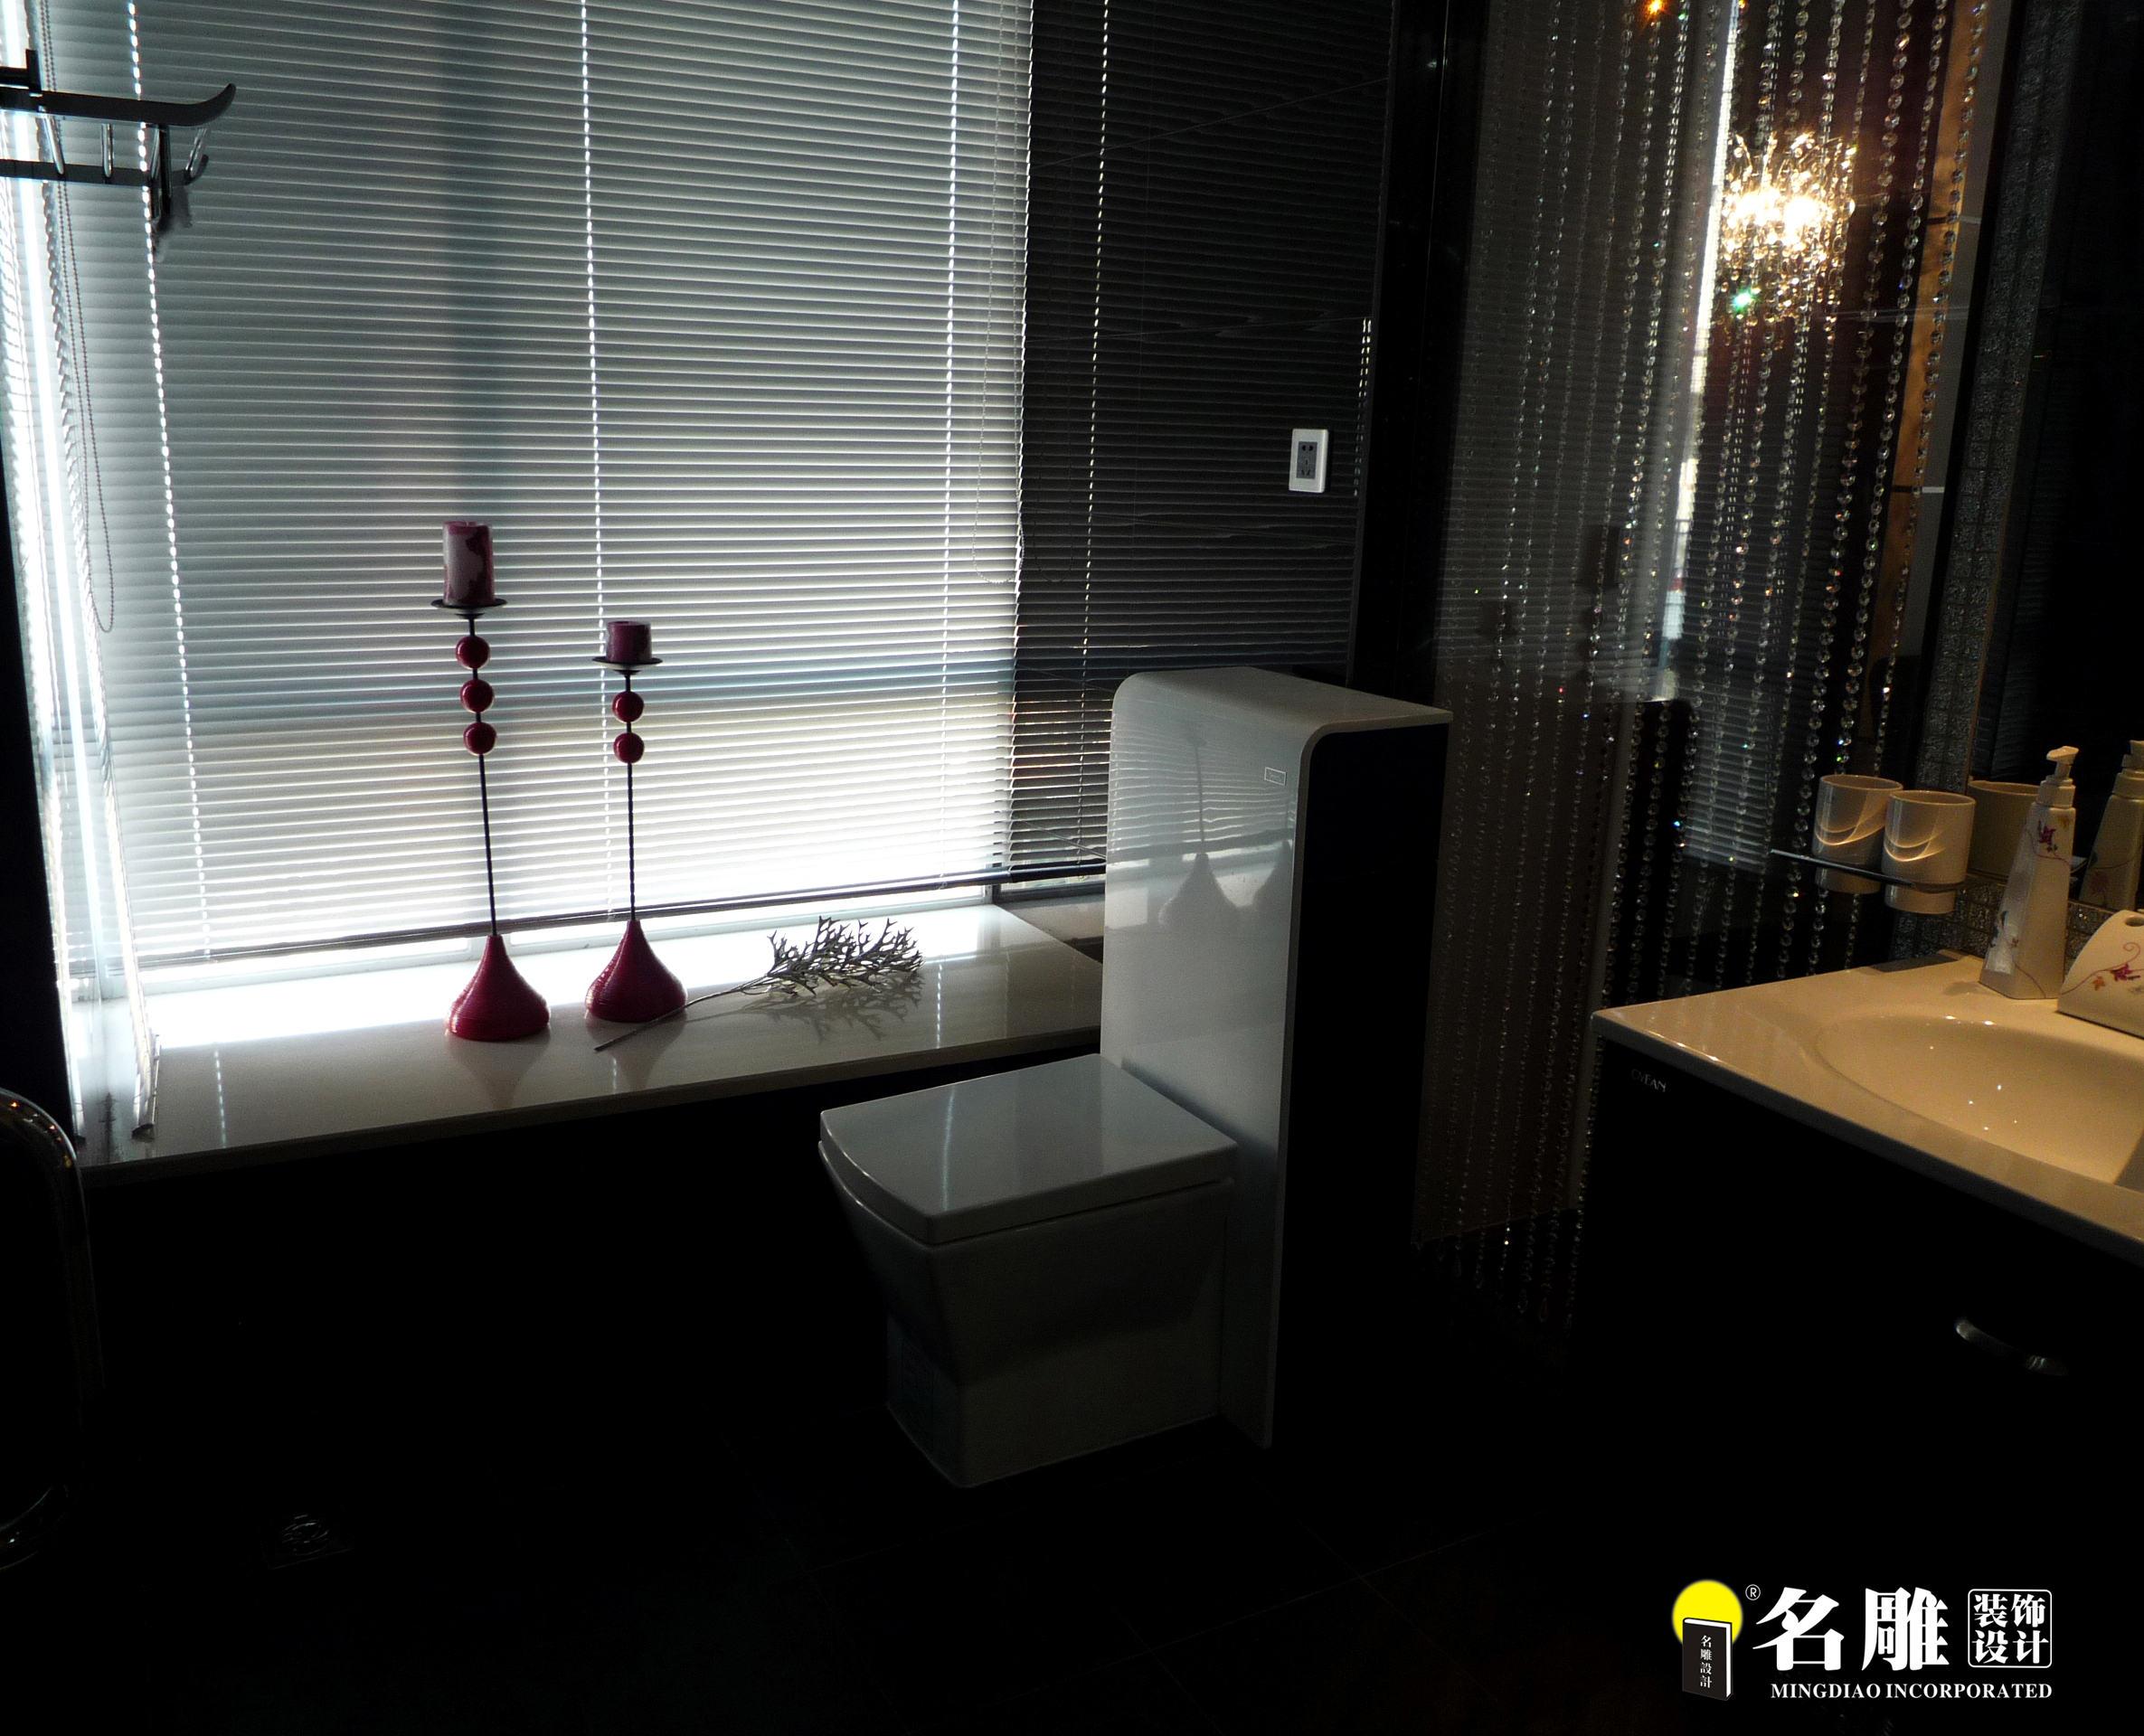 现代 三居 白领 四口之家 时尚个性 名雕装饰 卫生间图片来自名雕装饰设计在枫丹白露现代时尚三居室装修设计的分享